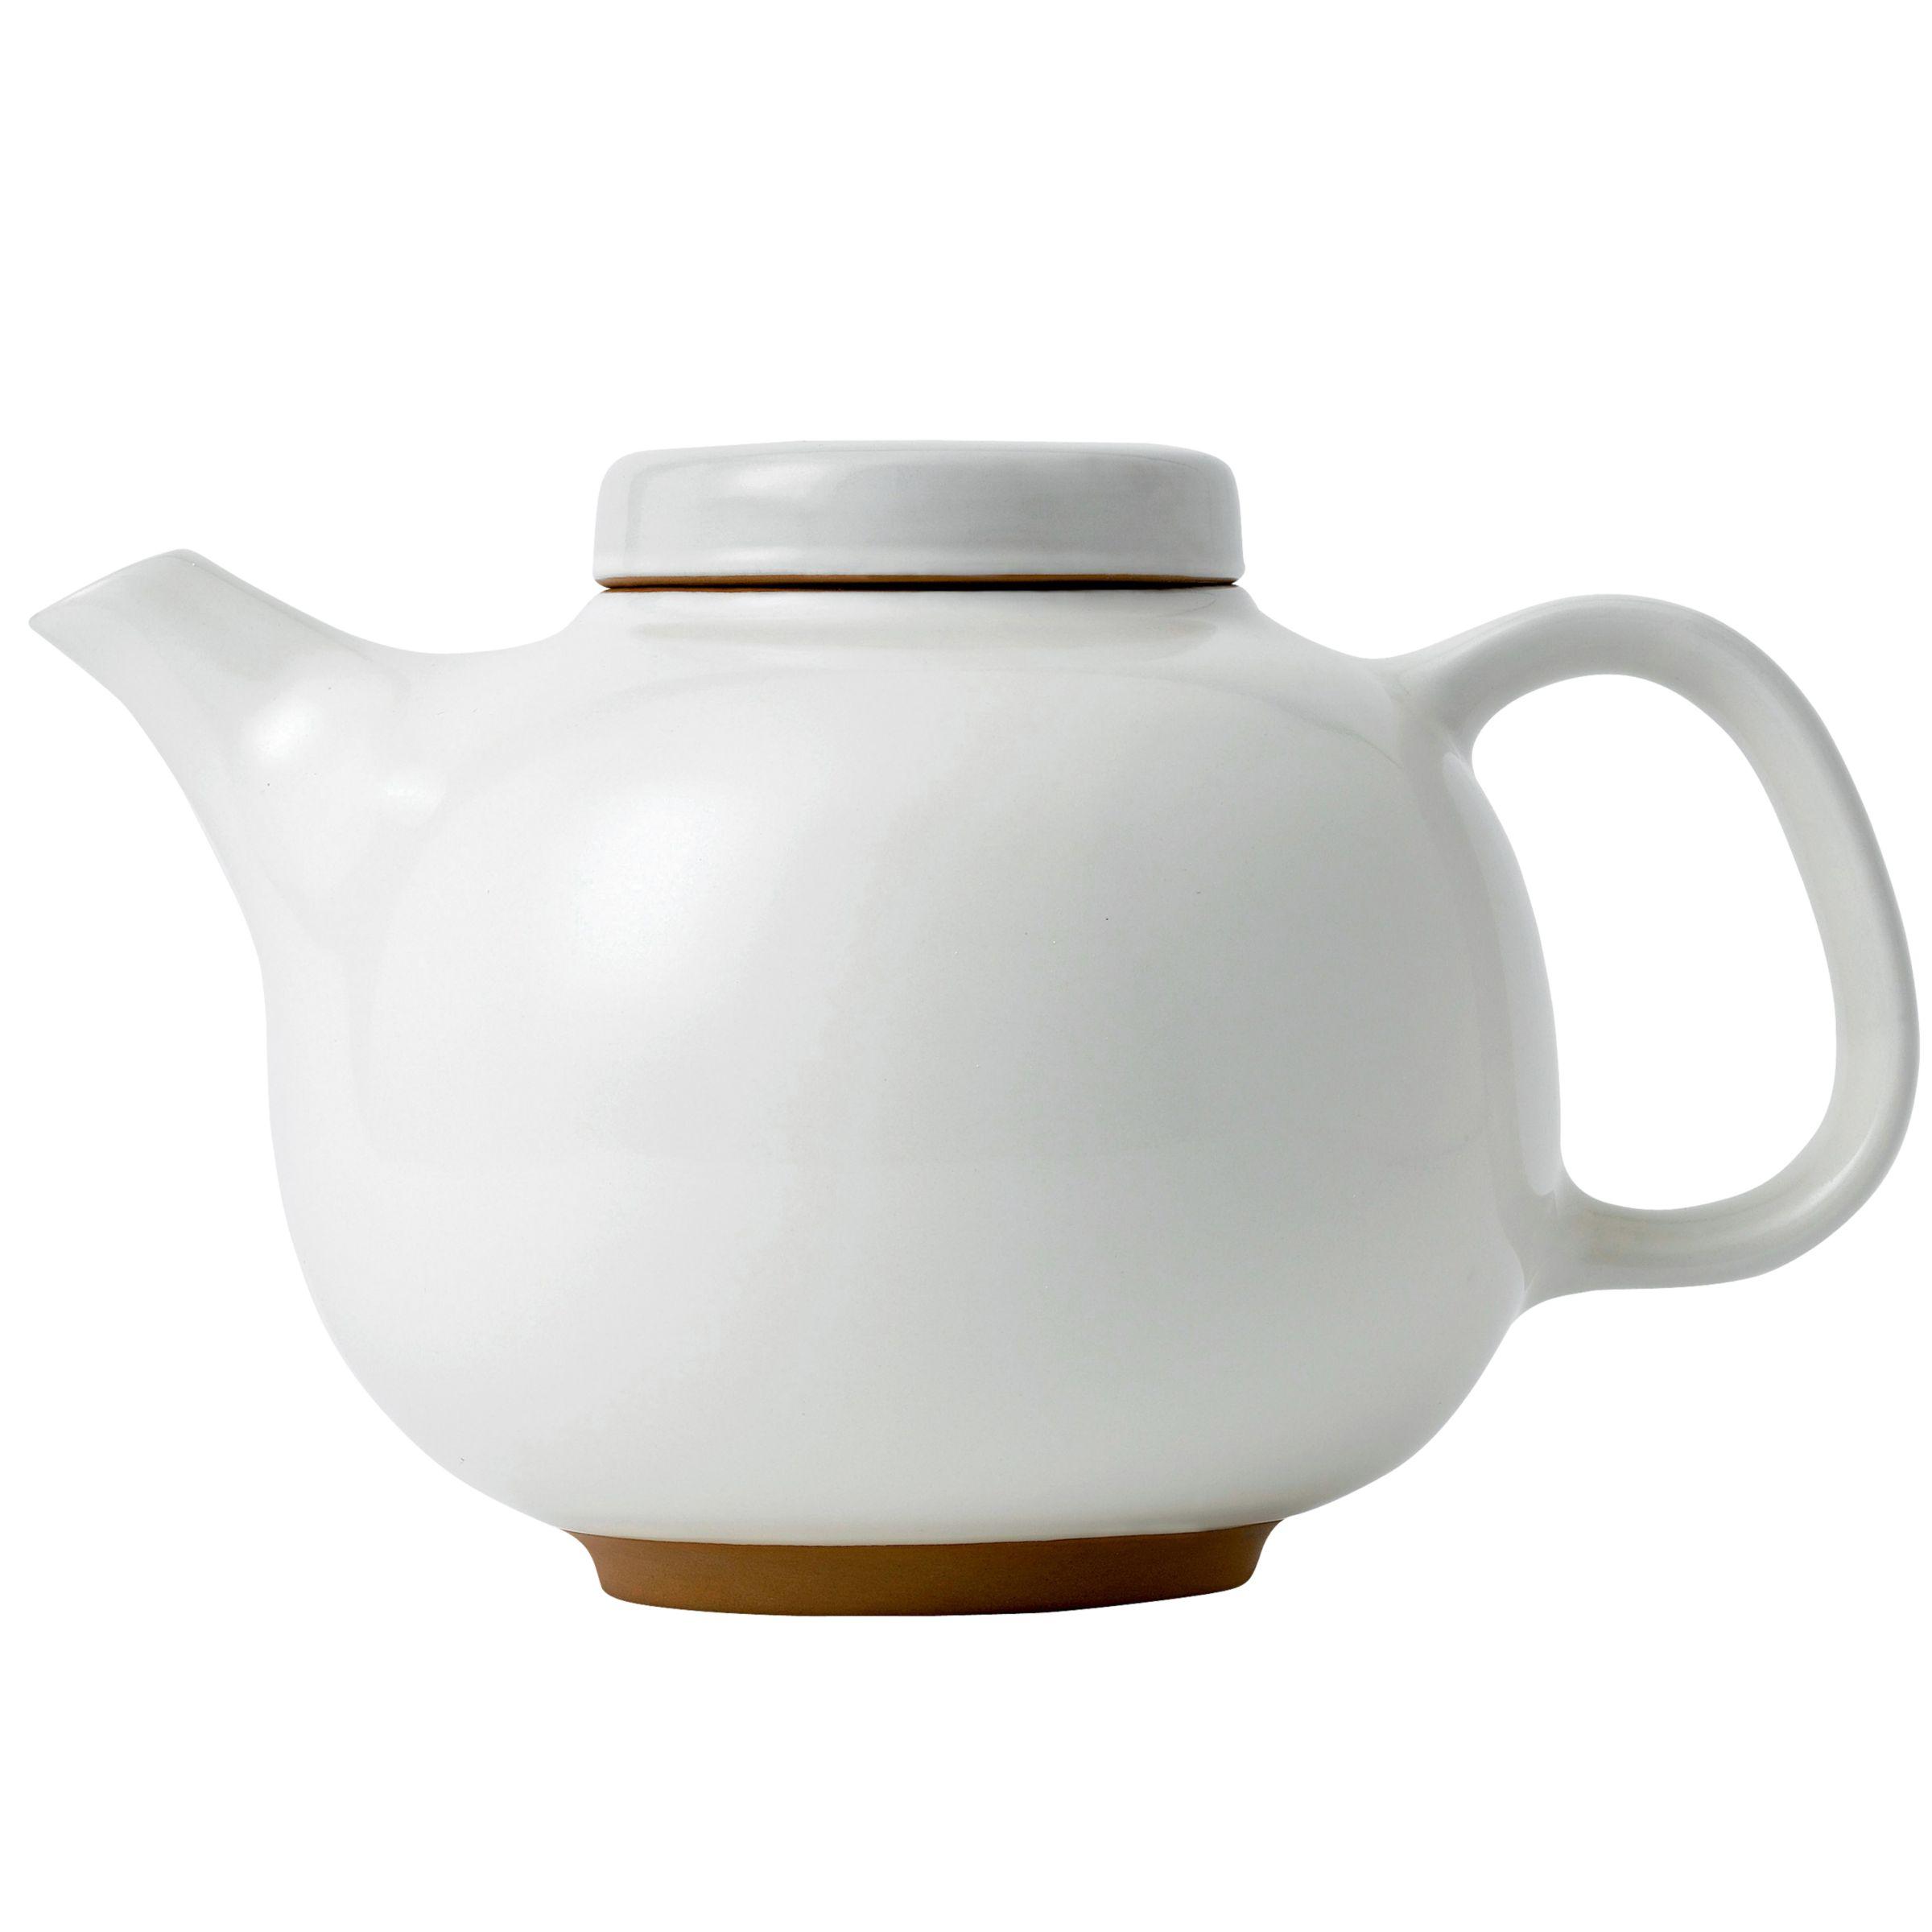 Royal Doulton Royal Doulton Olio Teapot